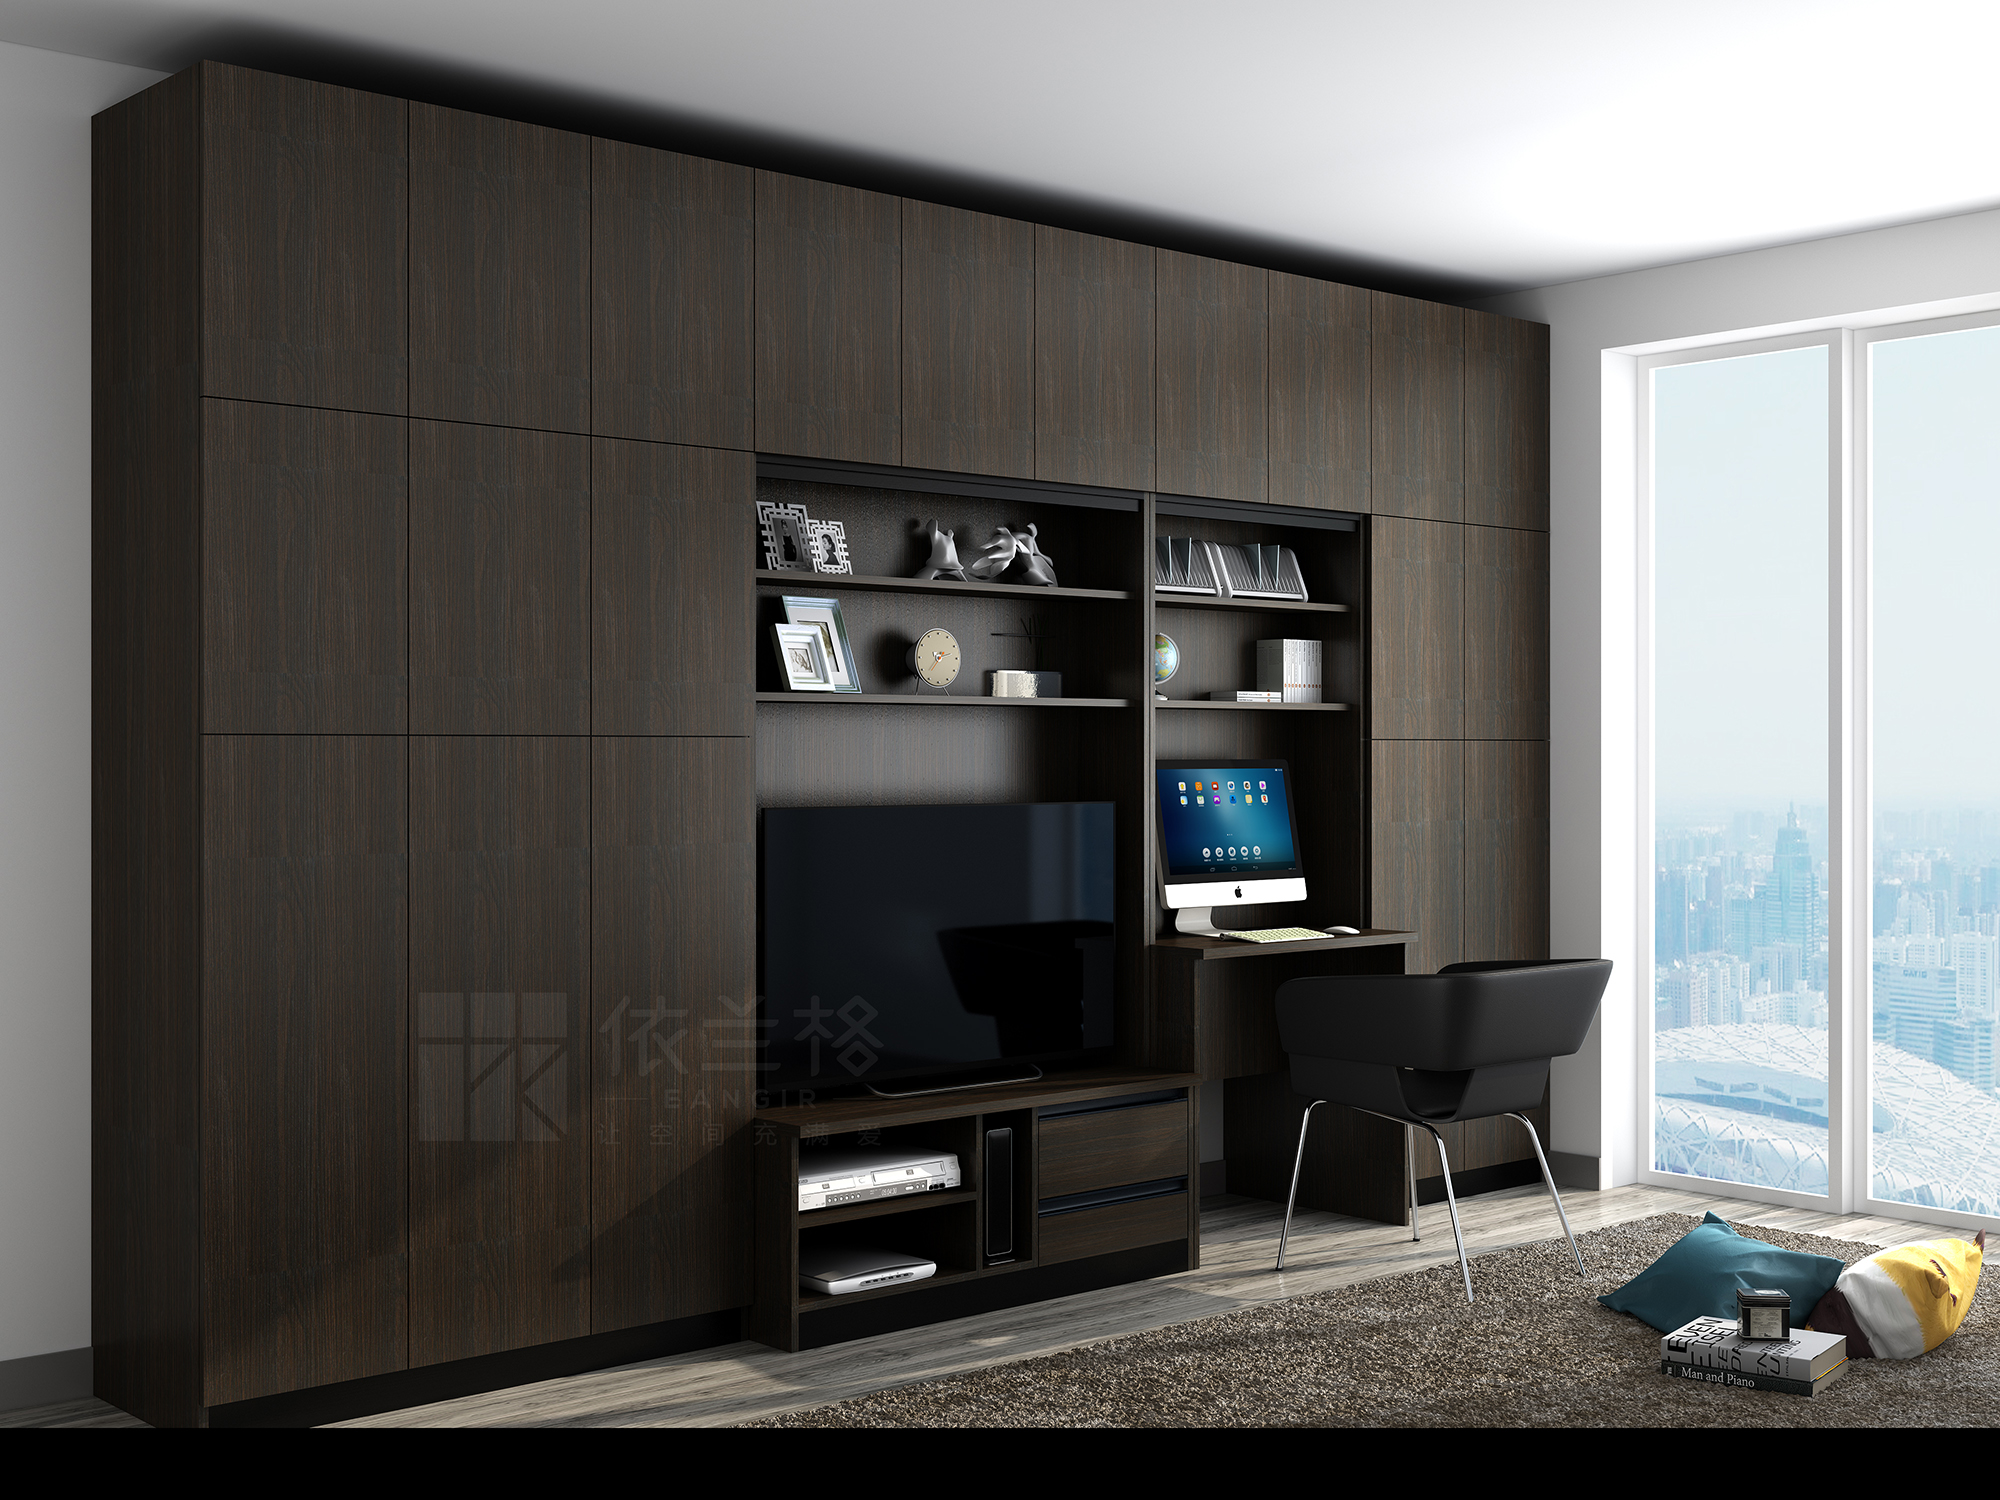 电视柜-1_3_1拷贝